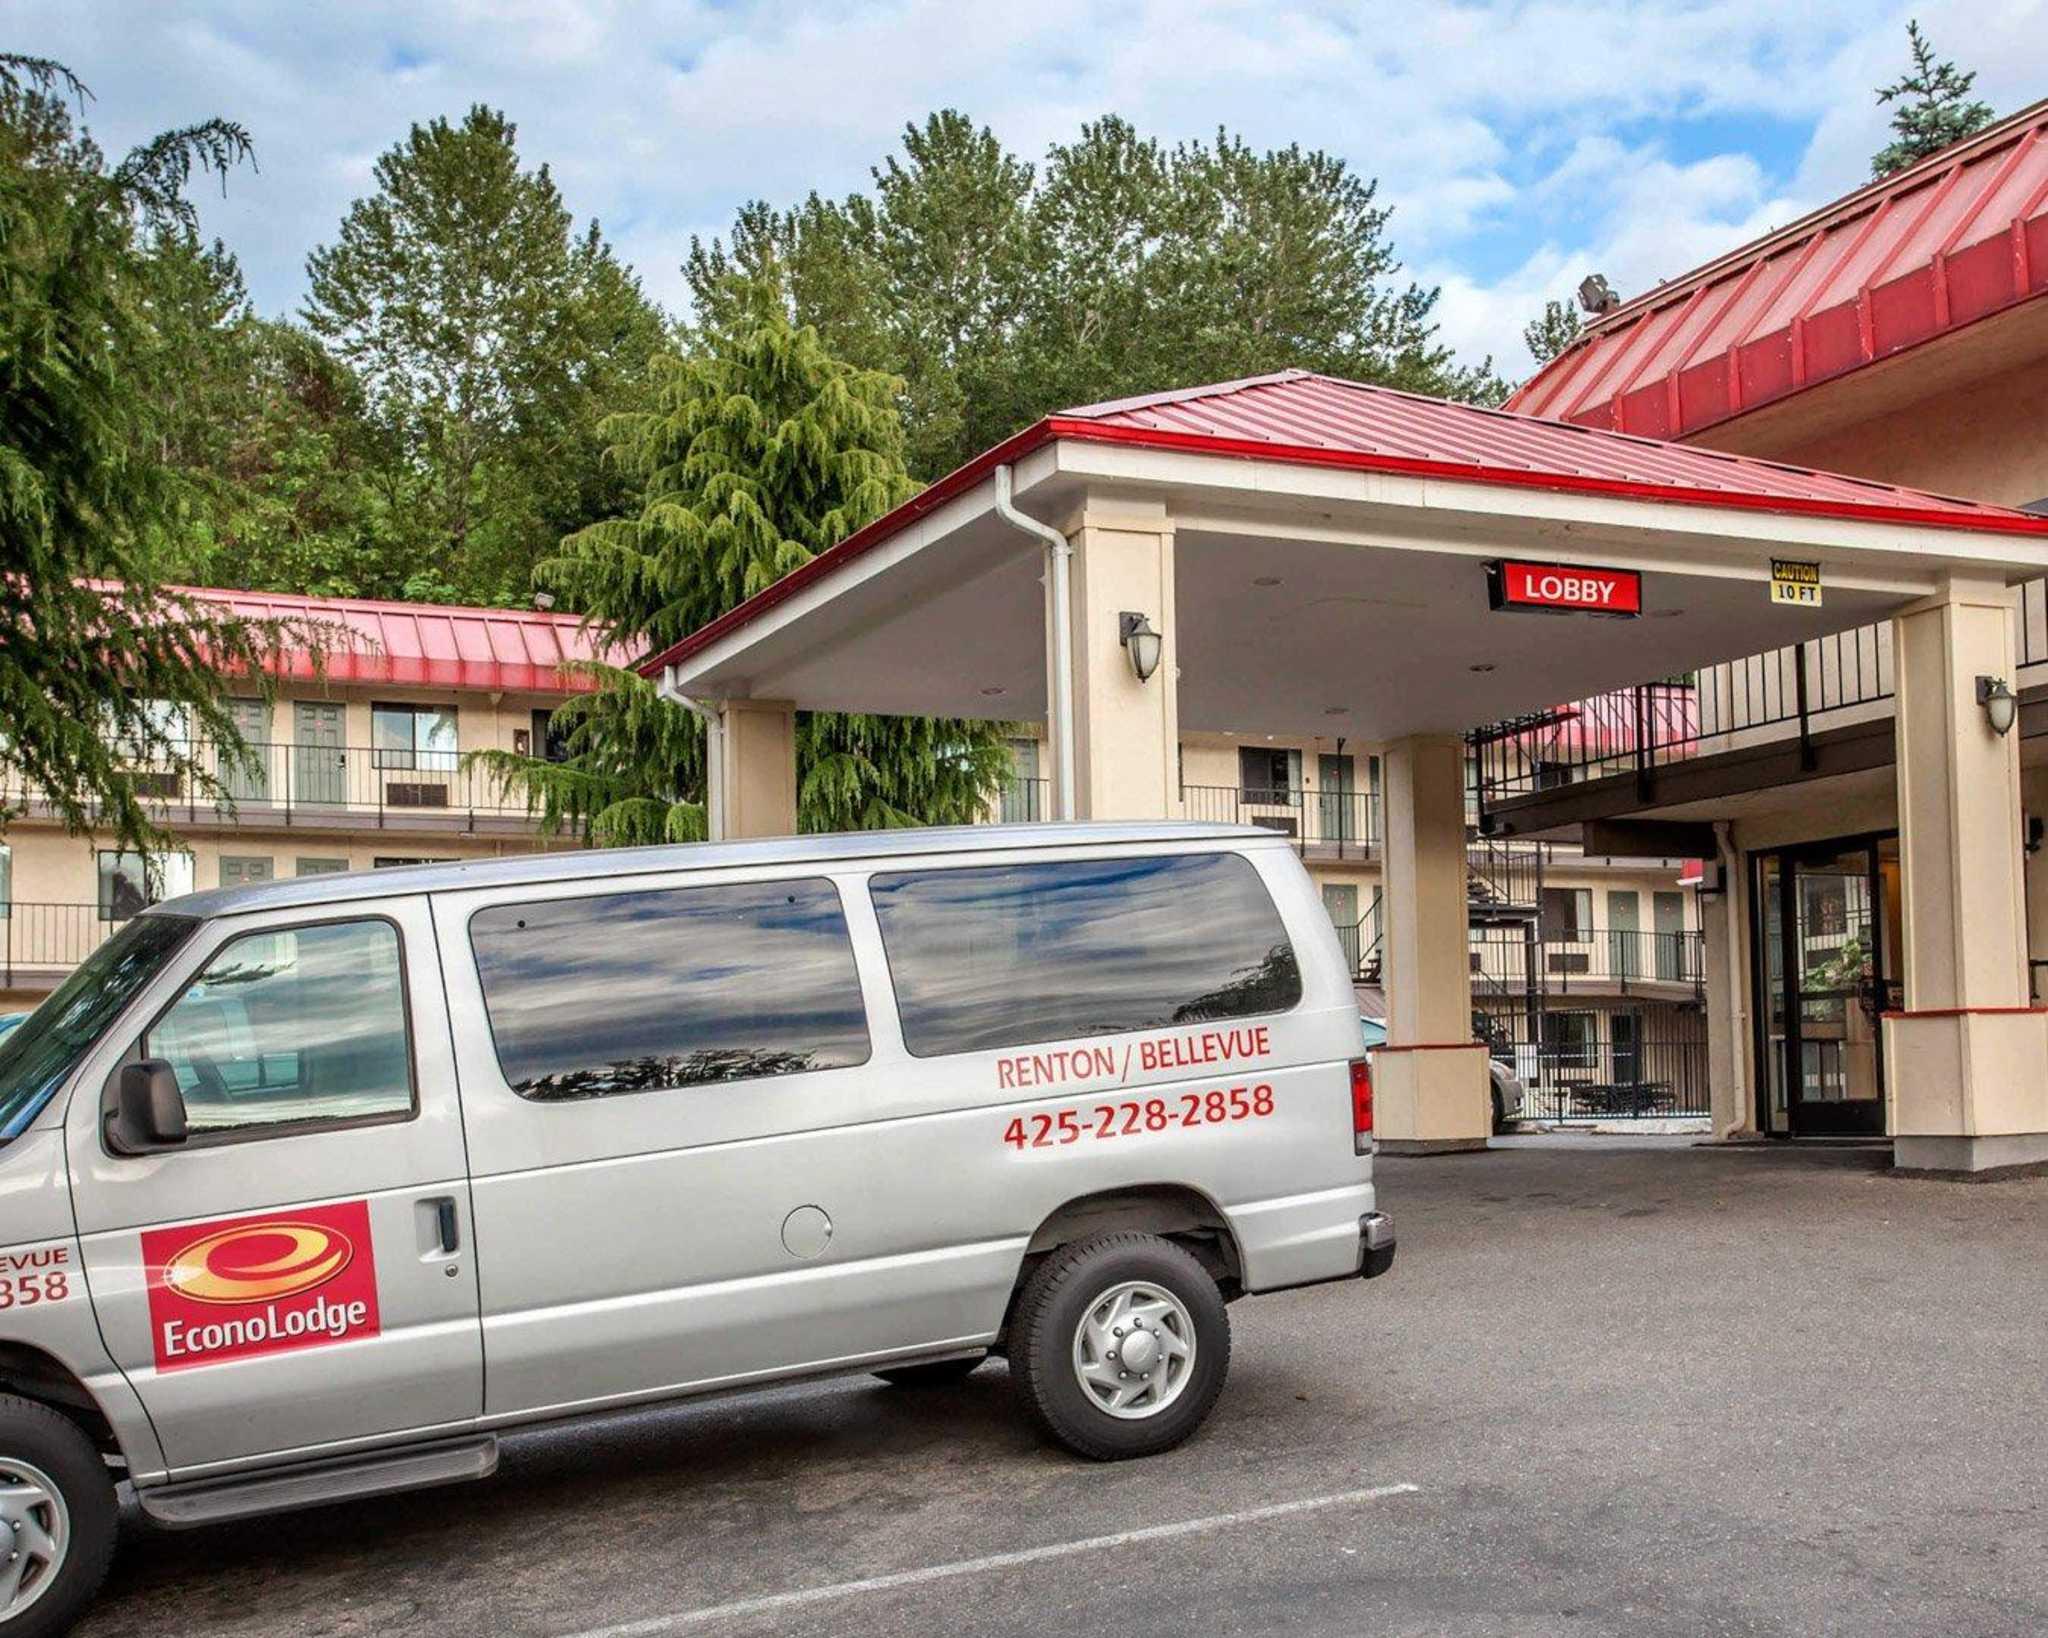 Econo Lodge Renton-Bellevue image 4